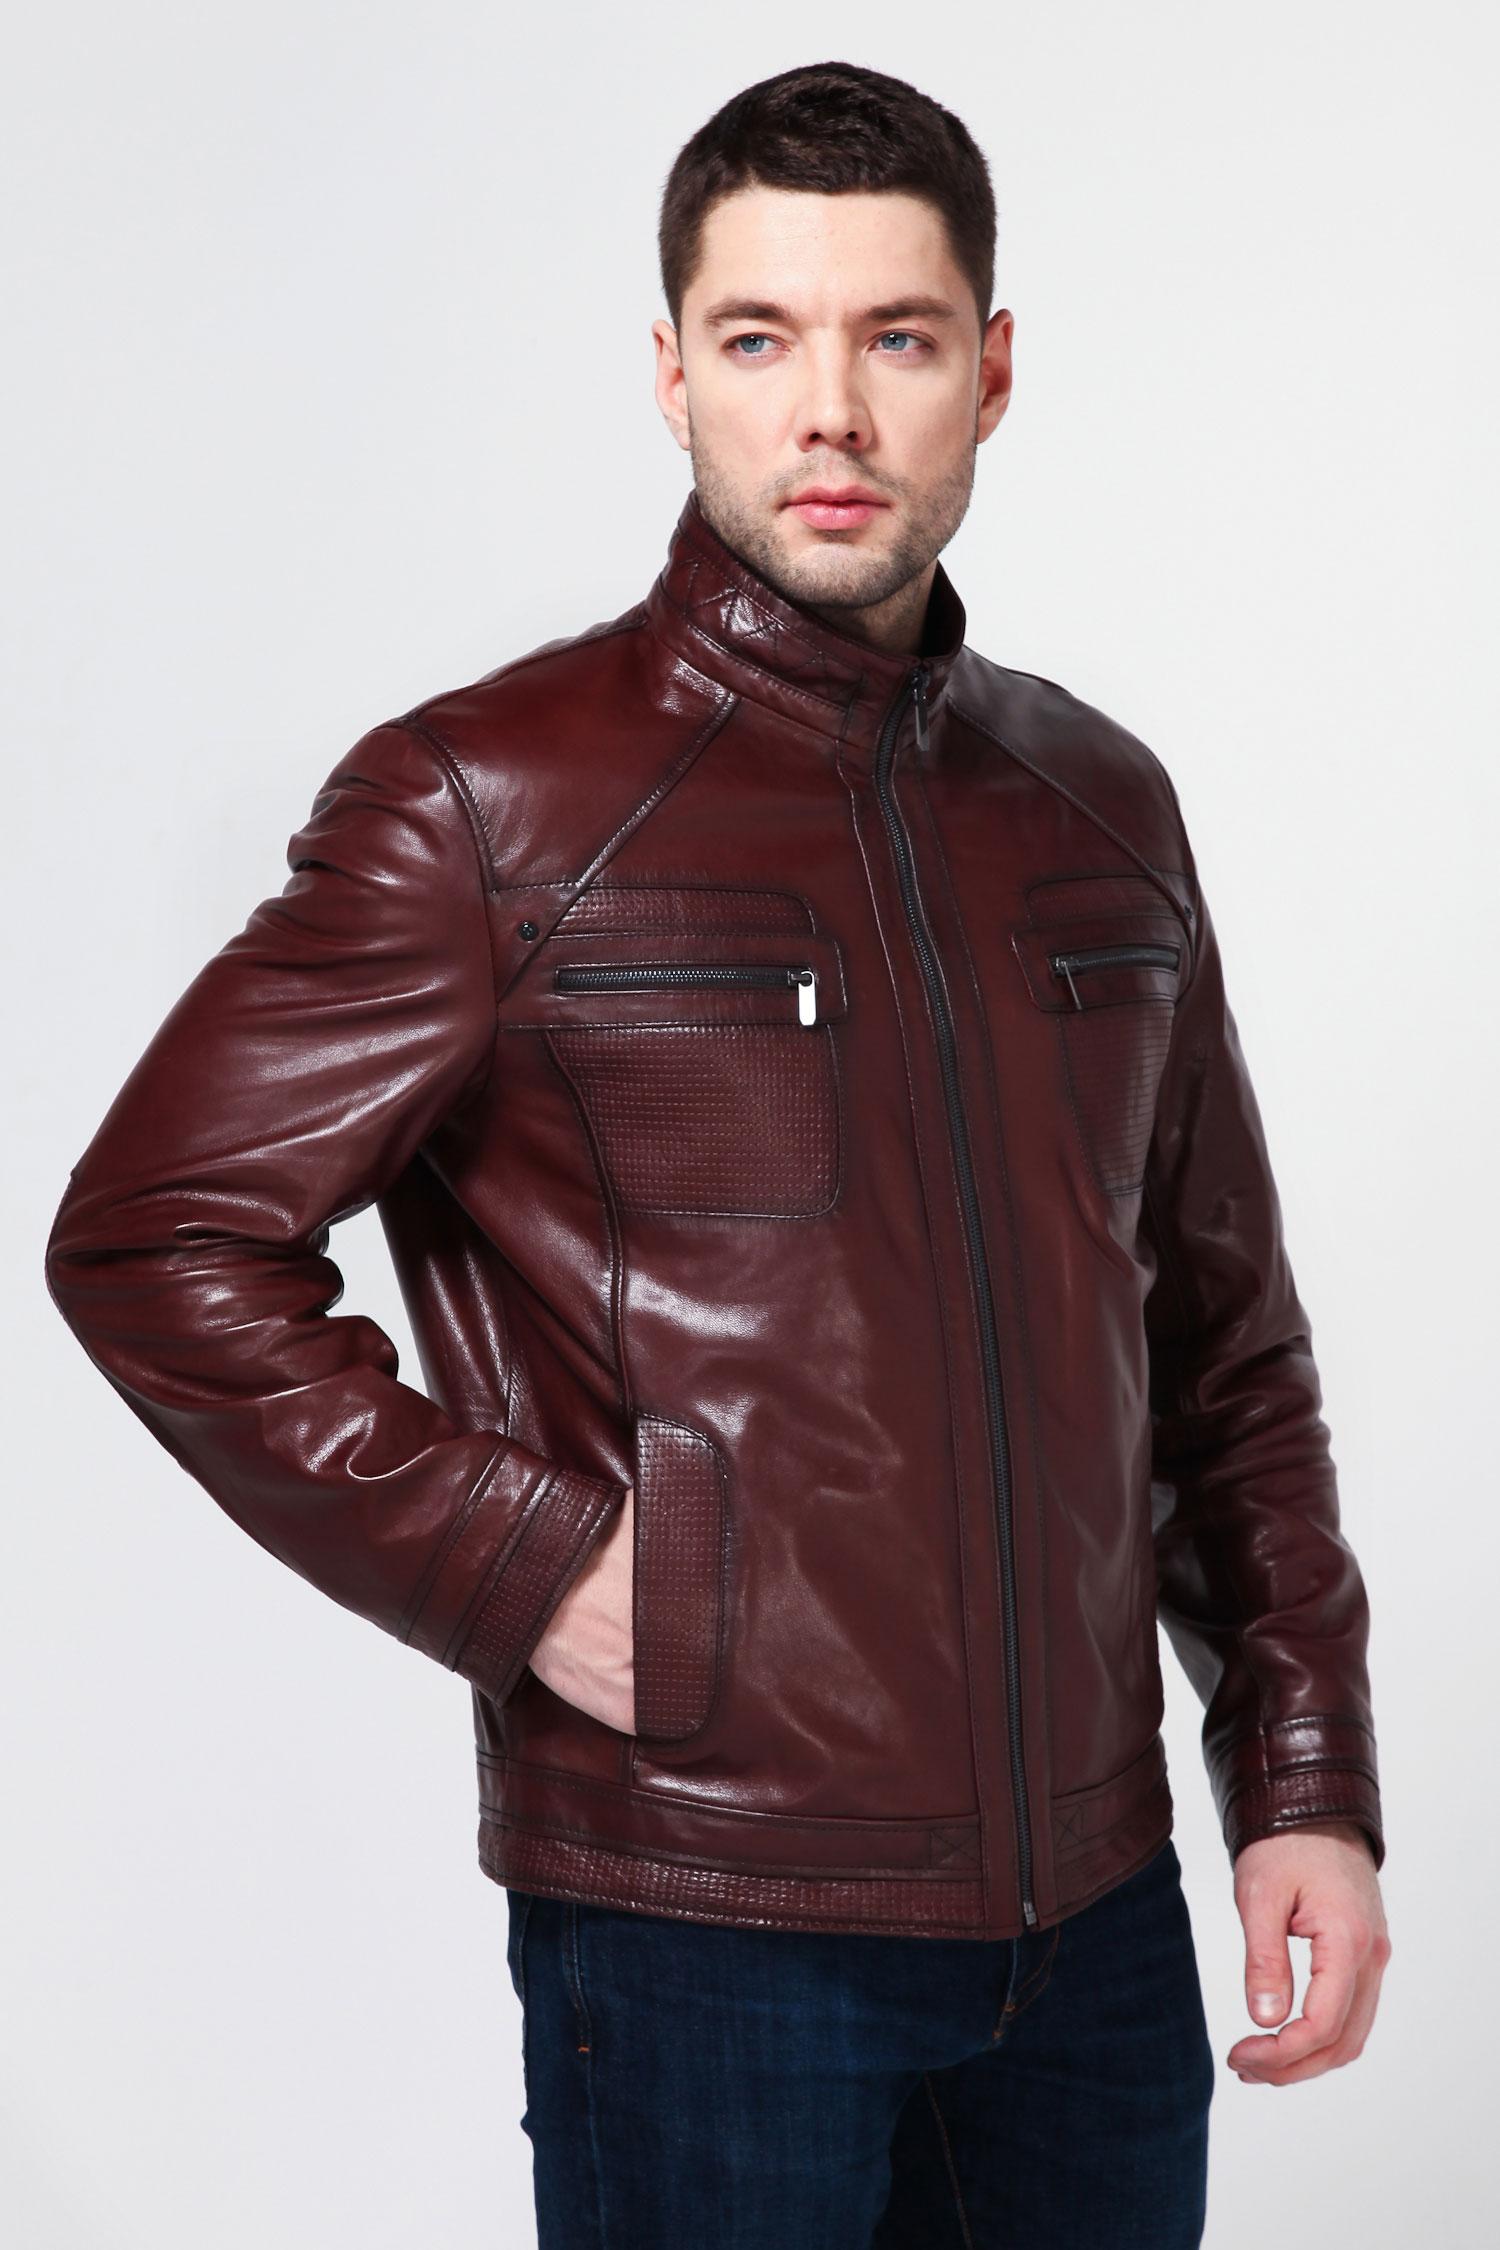 Мужская кожаная куртка из натуральной кожи с воротником, без отделкиСтильная куртка - незаменимая вещь в гардеробе современного мужчины. Модель с воротником-стойкой и застежкой на молнию. Изделие дополнено различными вместительными карманами. Манжеты рукавов и низ изделия окантованы. Отличный вариант, который подчеркнет Вашу индивидуальность.<br><br>Воротник: С воротником<br>Длина см: 70<br>Материал: Натуральная кожа<br>Цвет: Темно-коричневый<br>Пол: Мужской